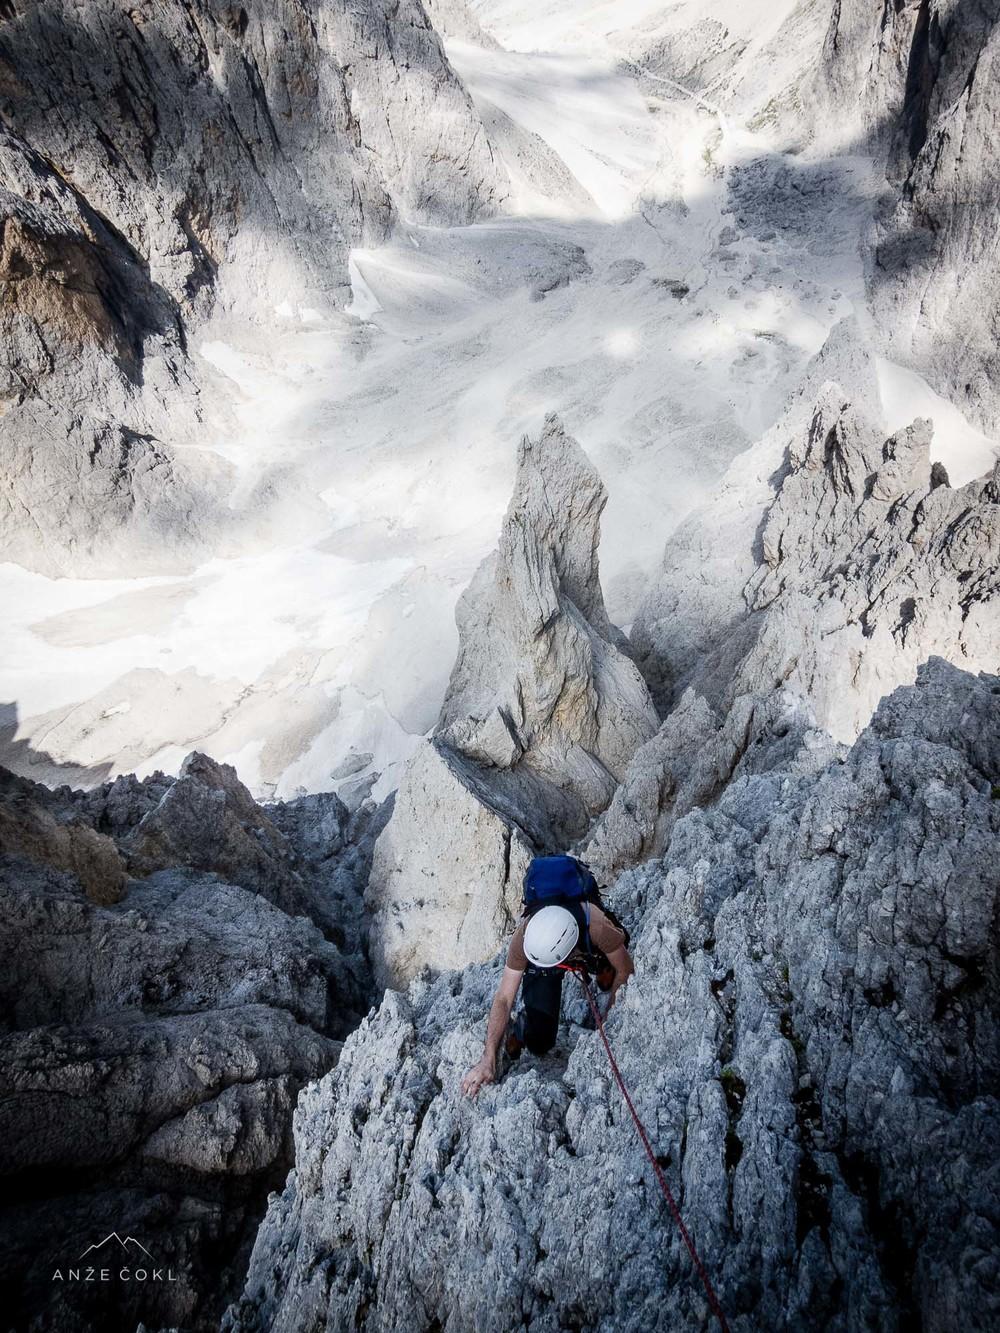 Dolomitske smeri po grebenih niso za tiste, ki se bojijo višine ali izpostavljenosti